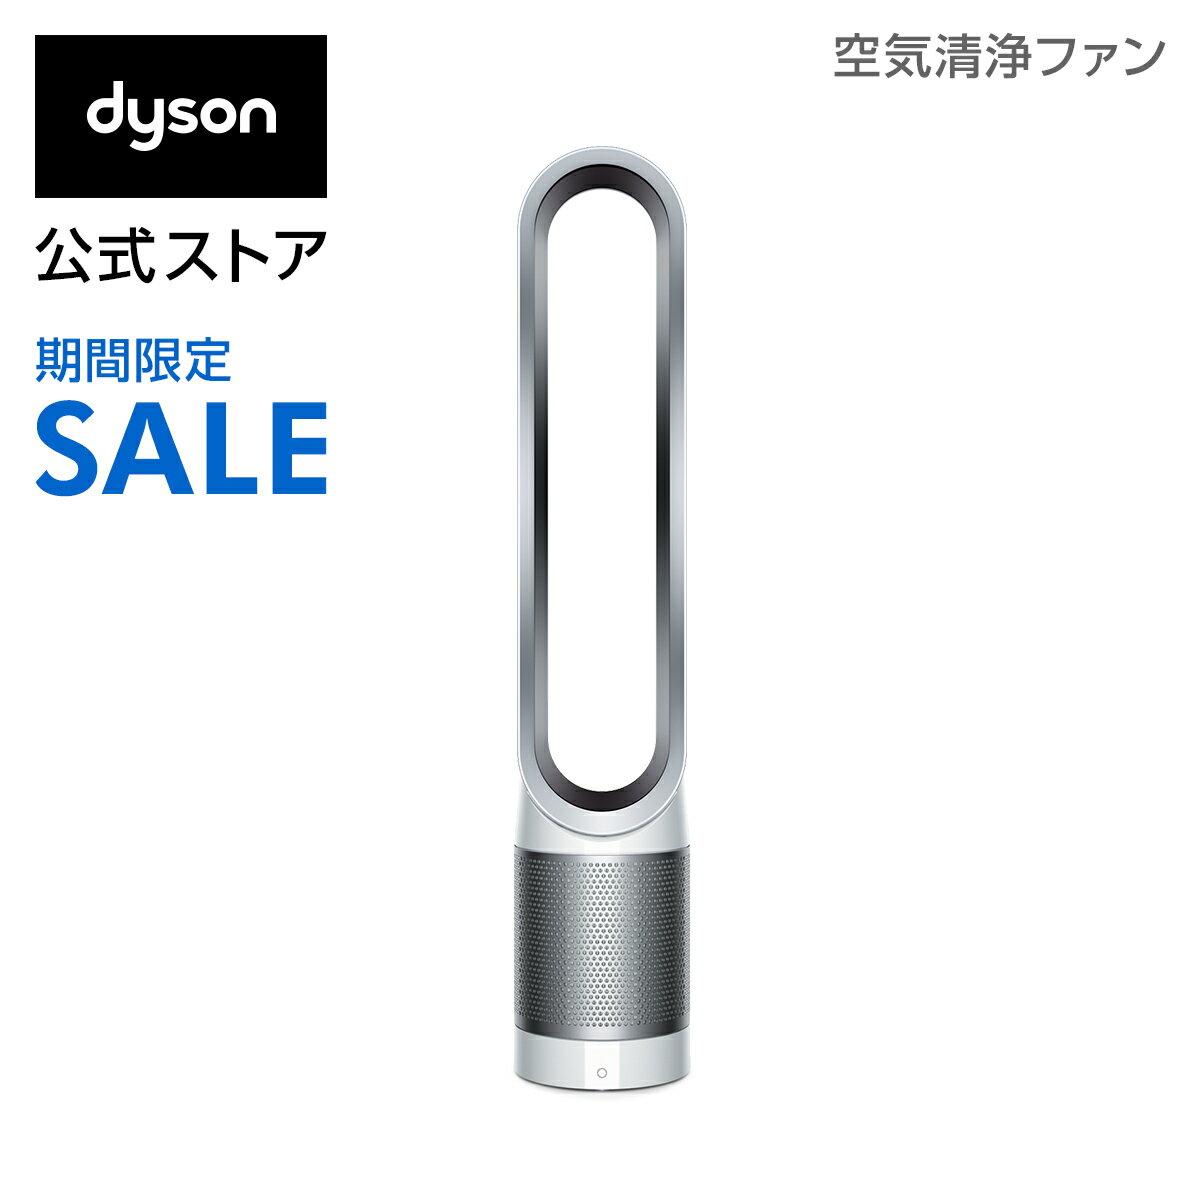 【期間限定】4日20:00-11日01:59まで!【ウイルス対策】ダイソン Dyson Pure Cool 空気清浄機能付ファン 扇風機 TP00 WS ホワイト/シルバー